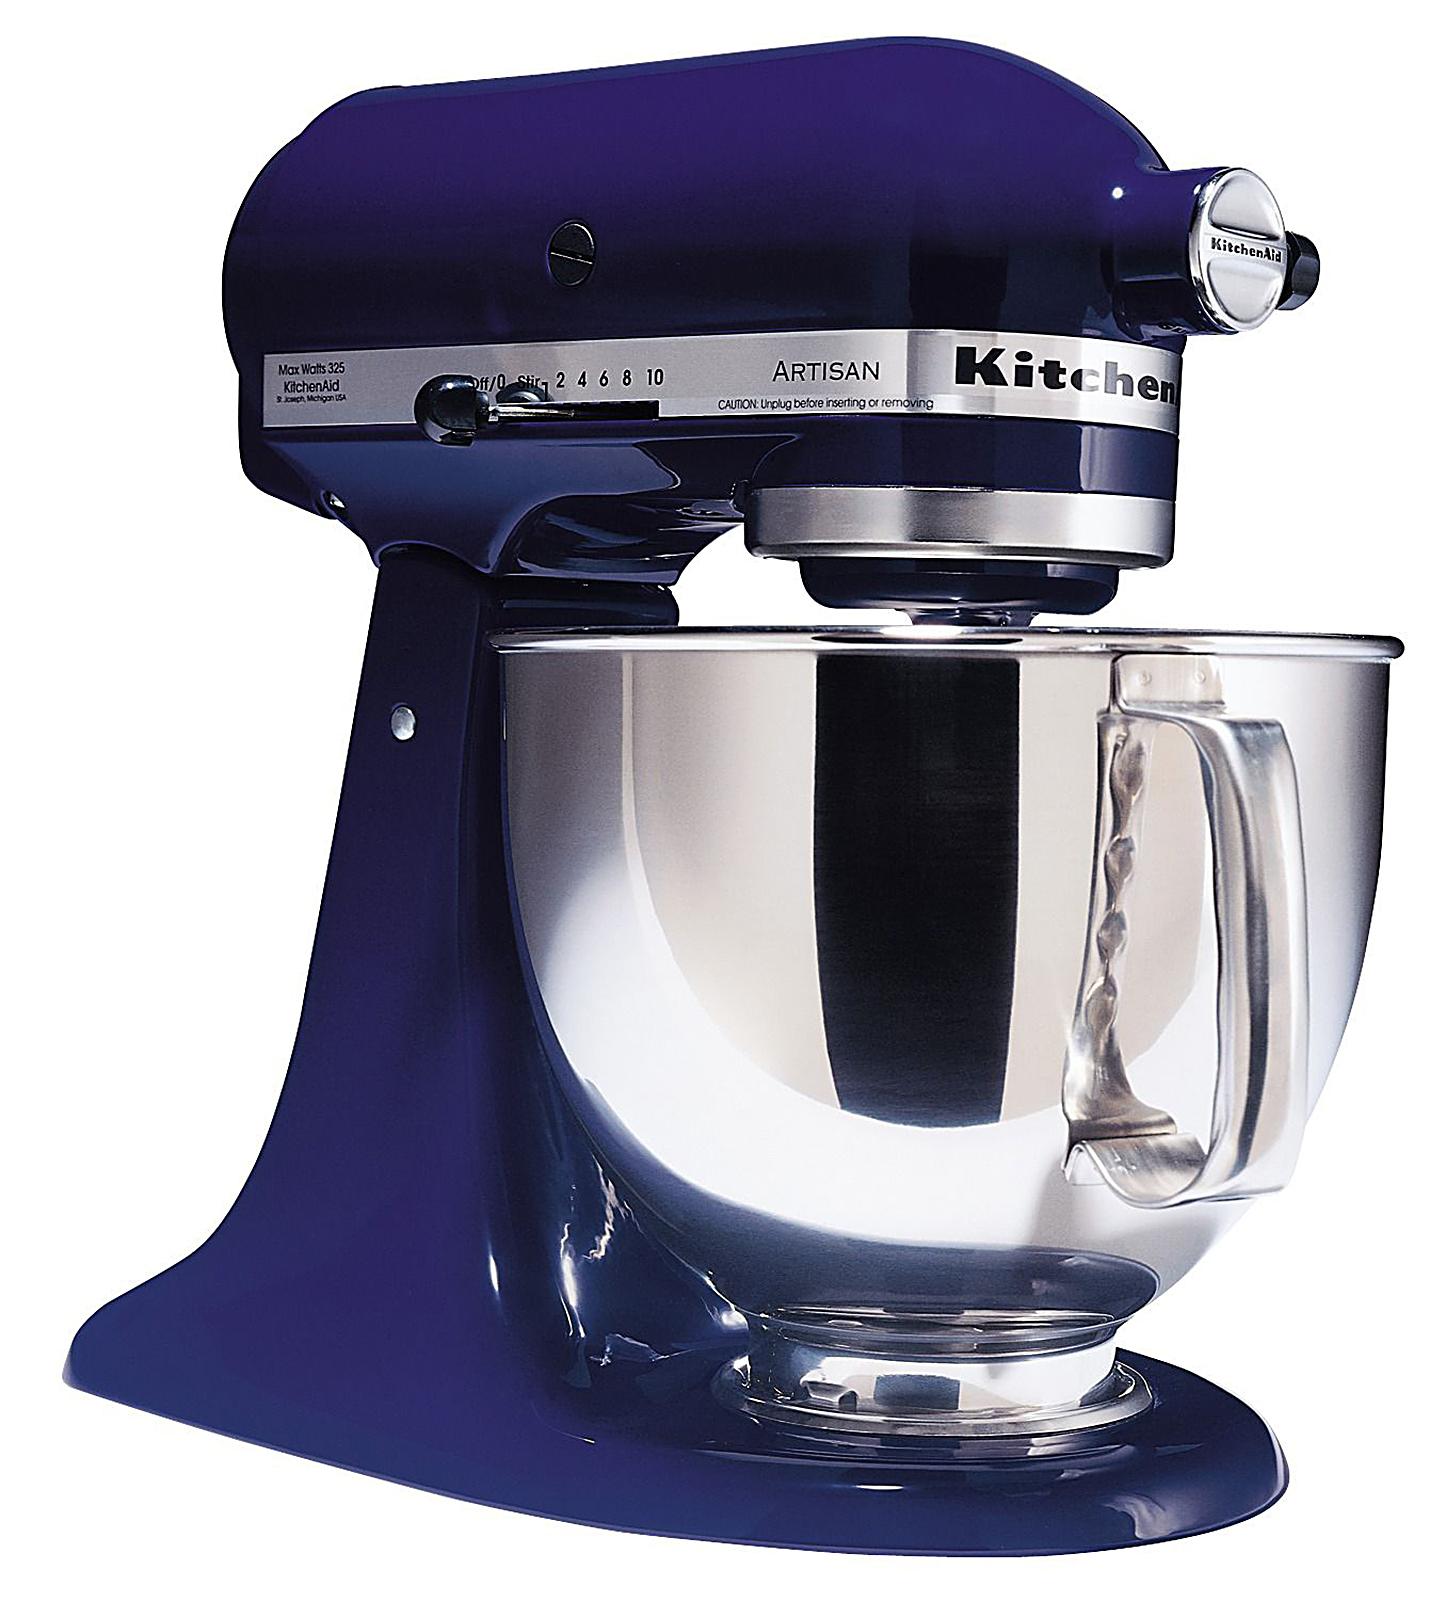 KitchenAid KSM150PSB Artisan Series 5 Quart Stand Mixer